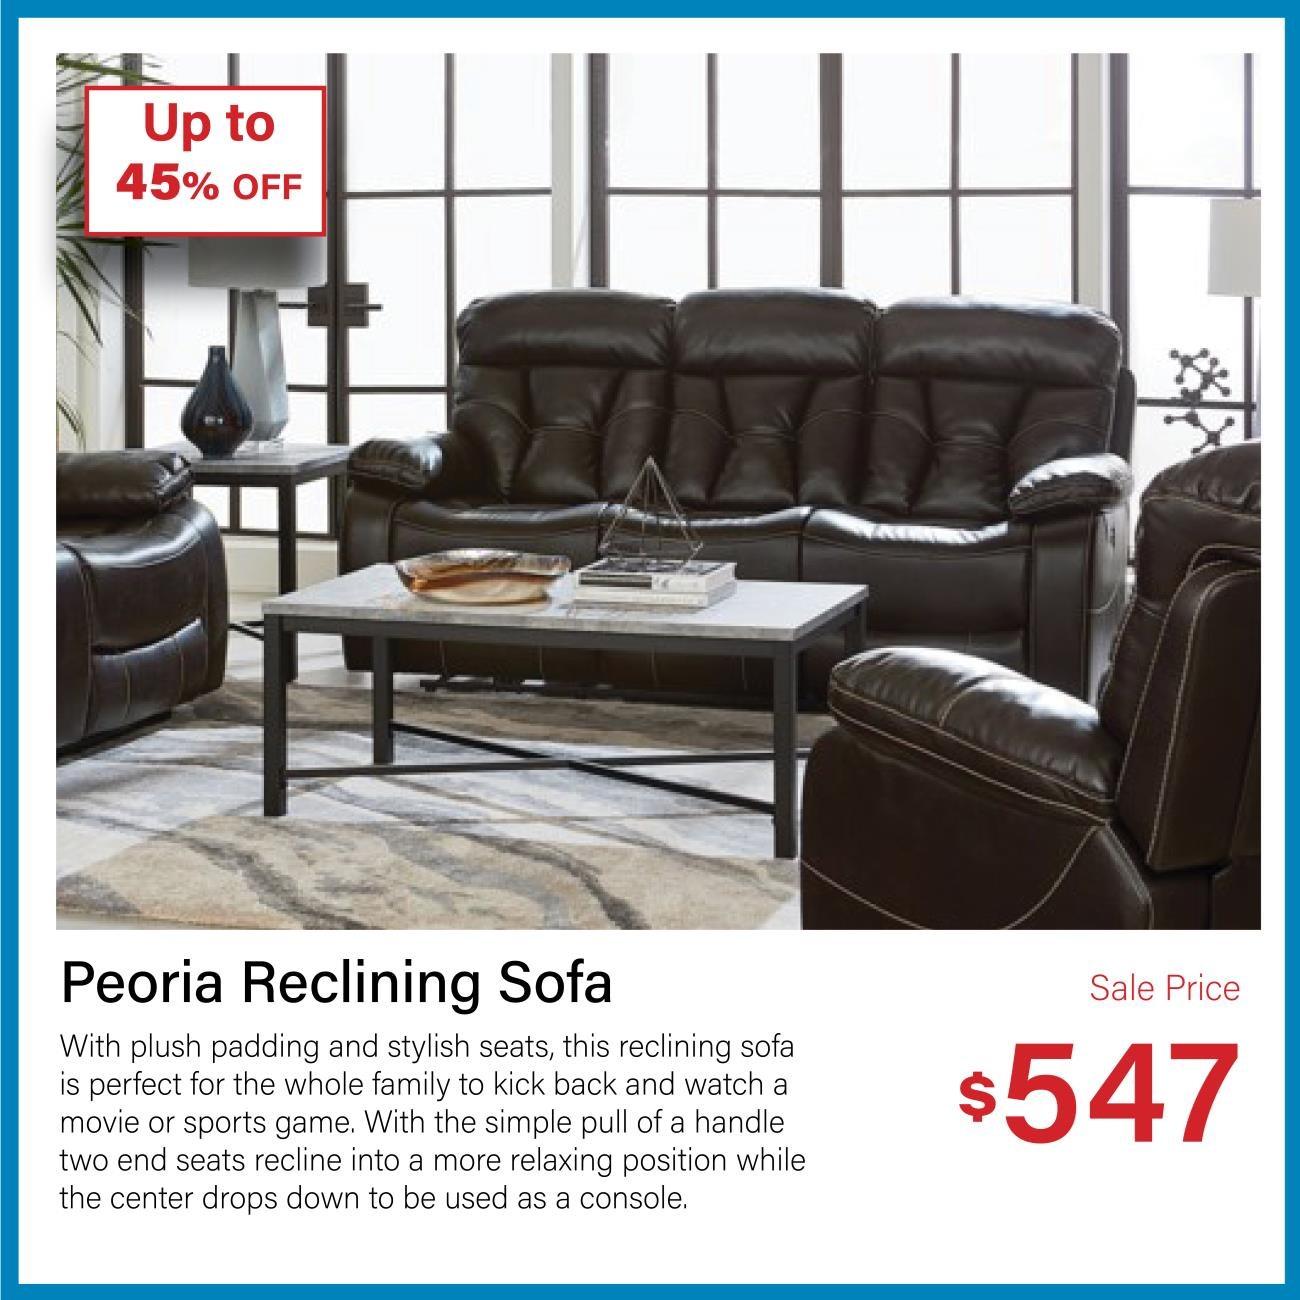 Peoria reclining sofa